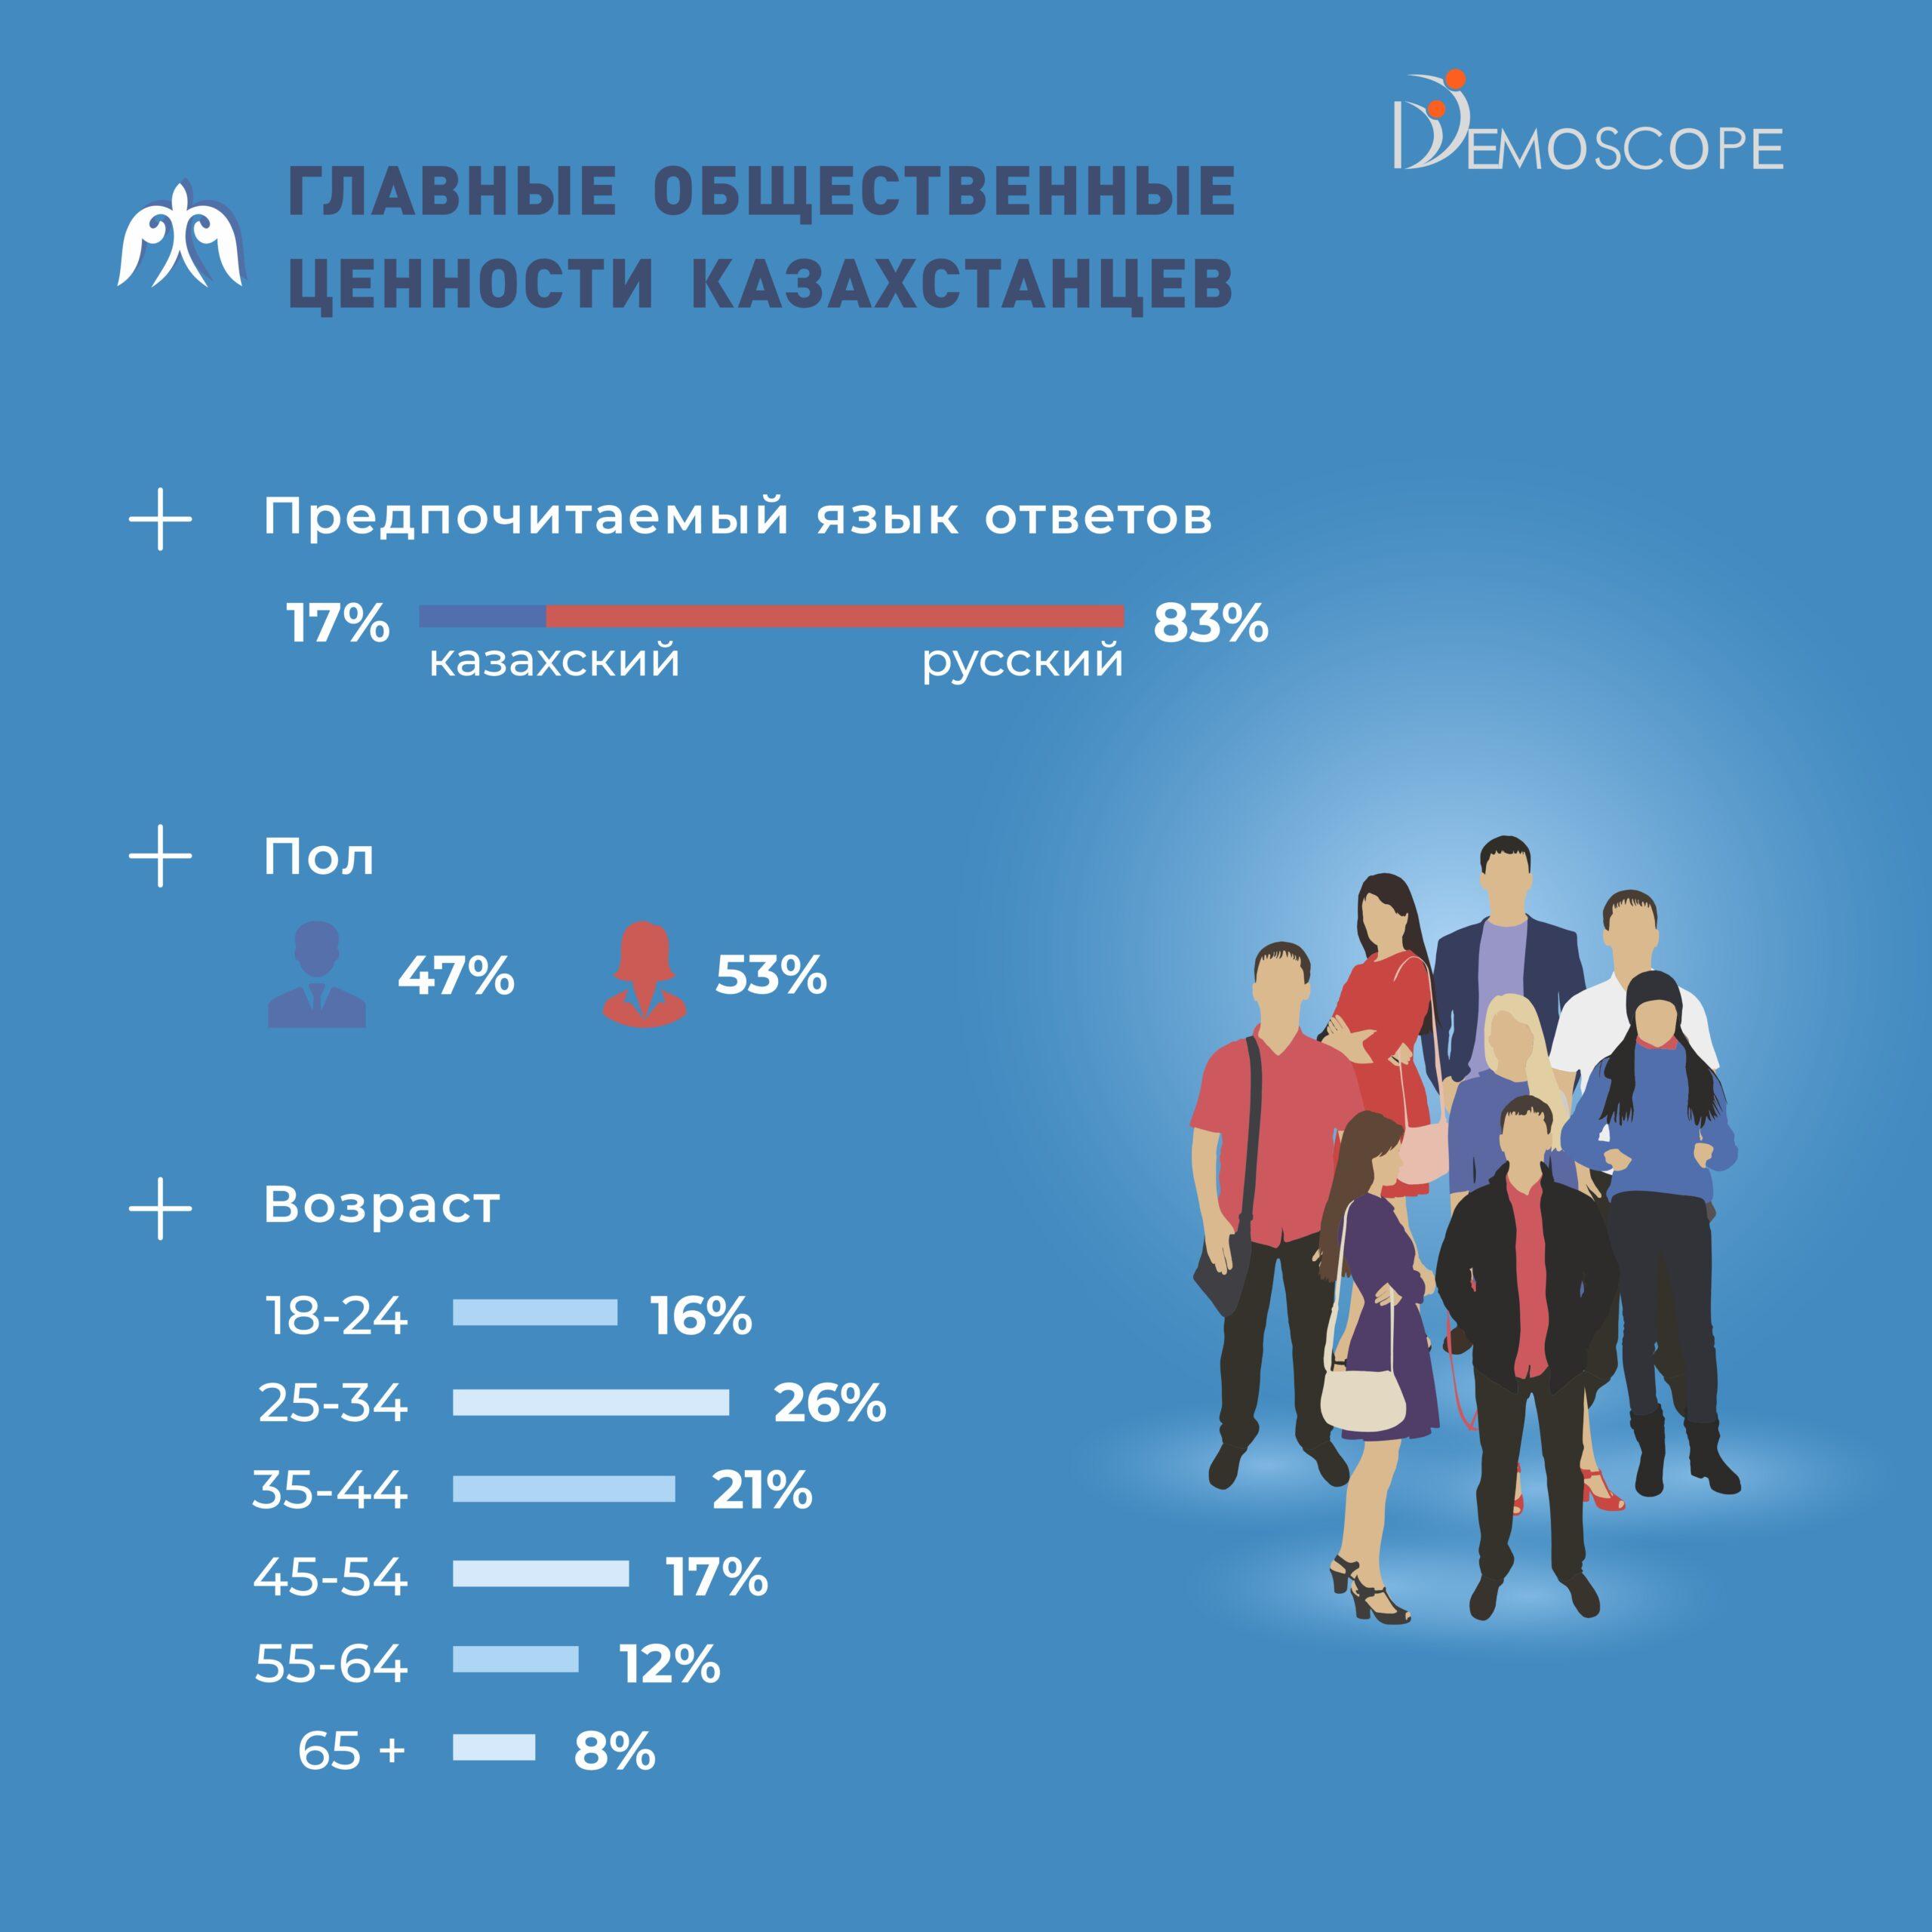 Главные общественные ценности казахстанцев